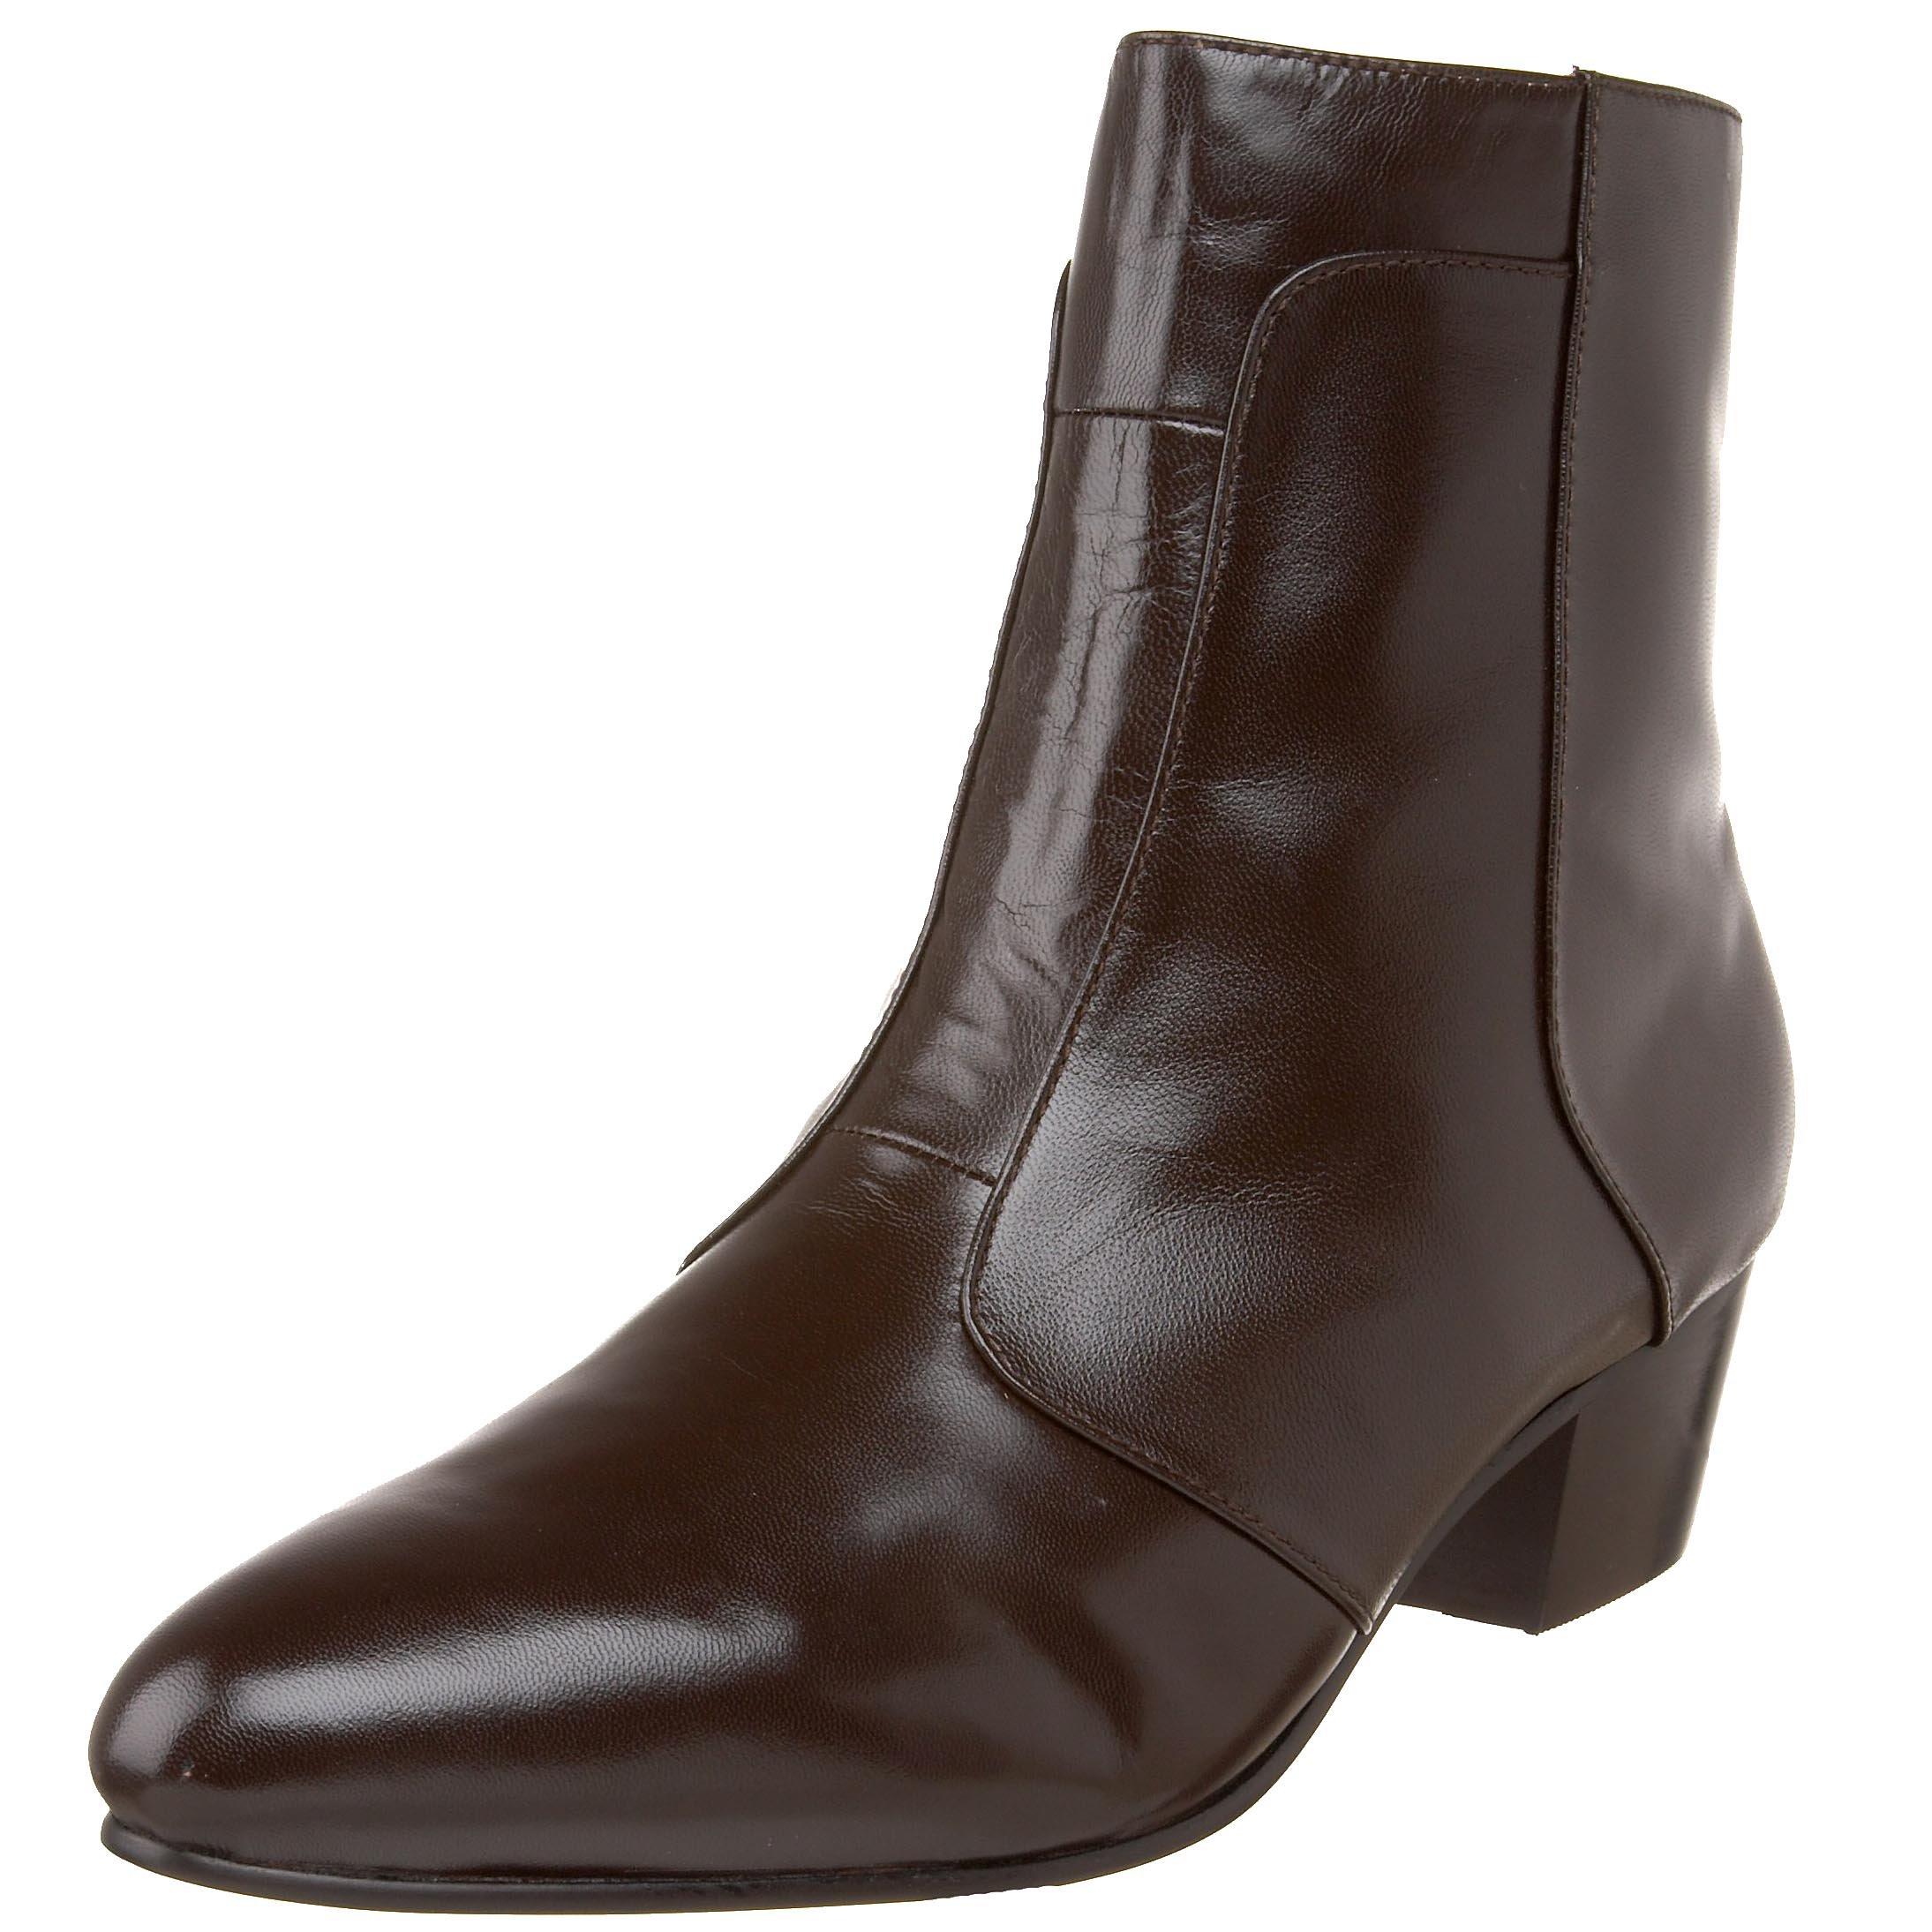 Giorgio Brutini Men's 805752 Boot,Dark Brown,8.5 W US